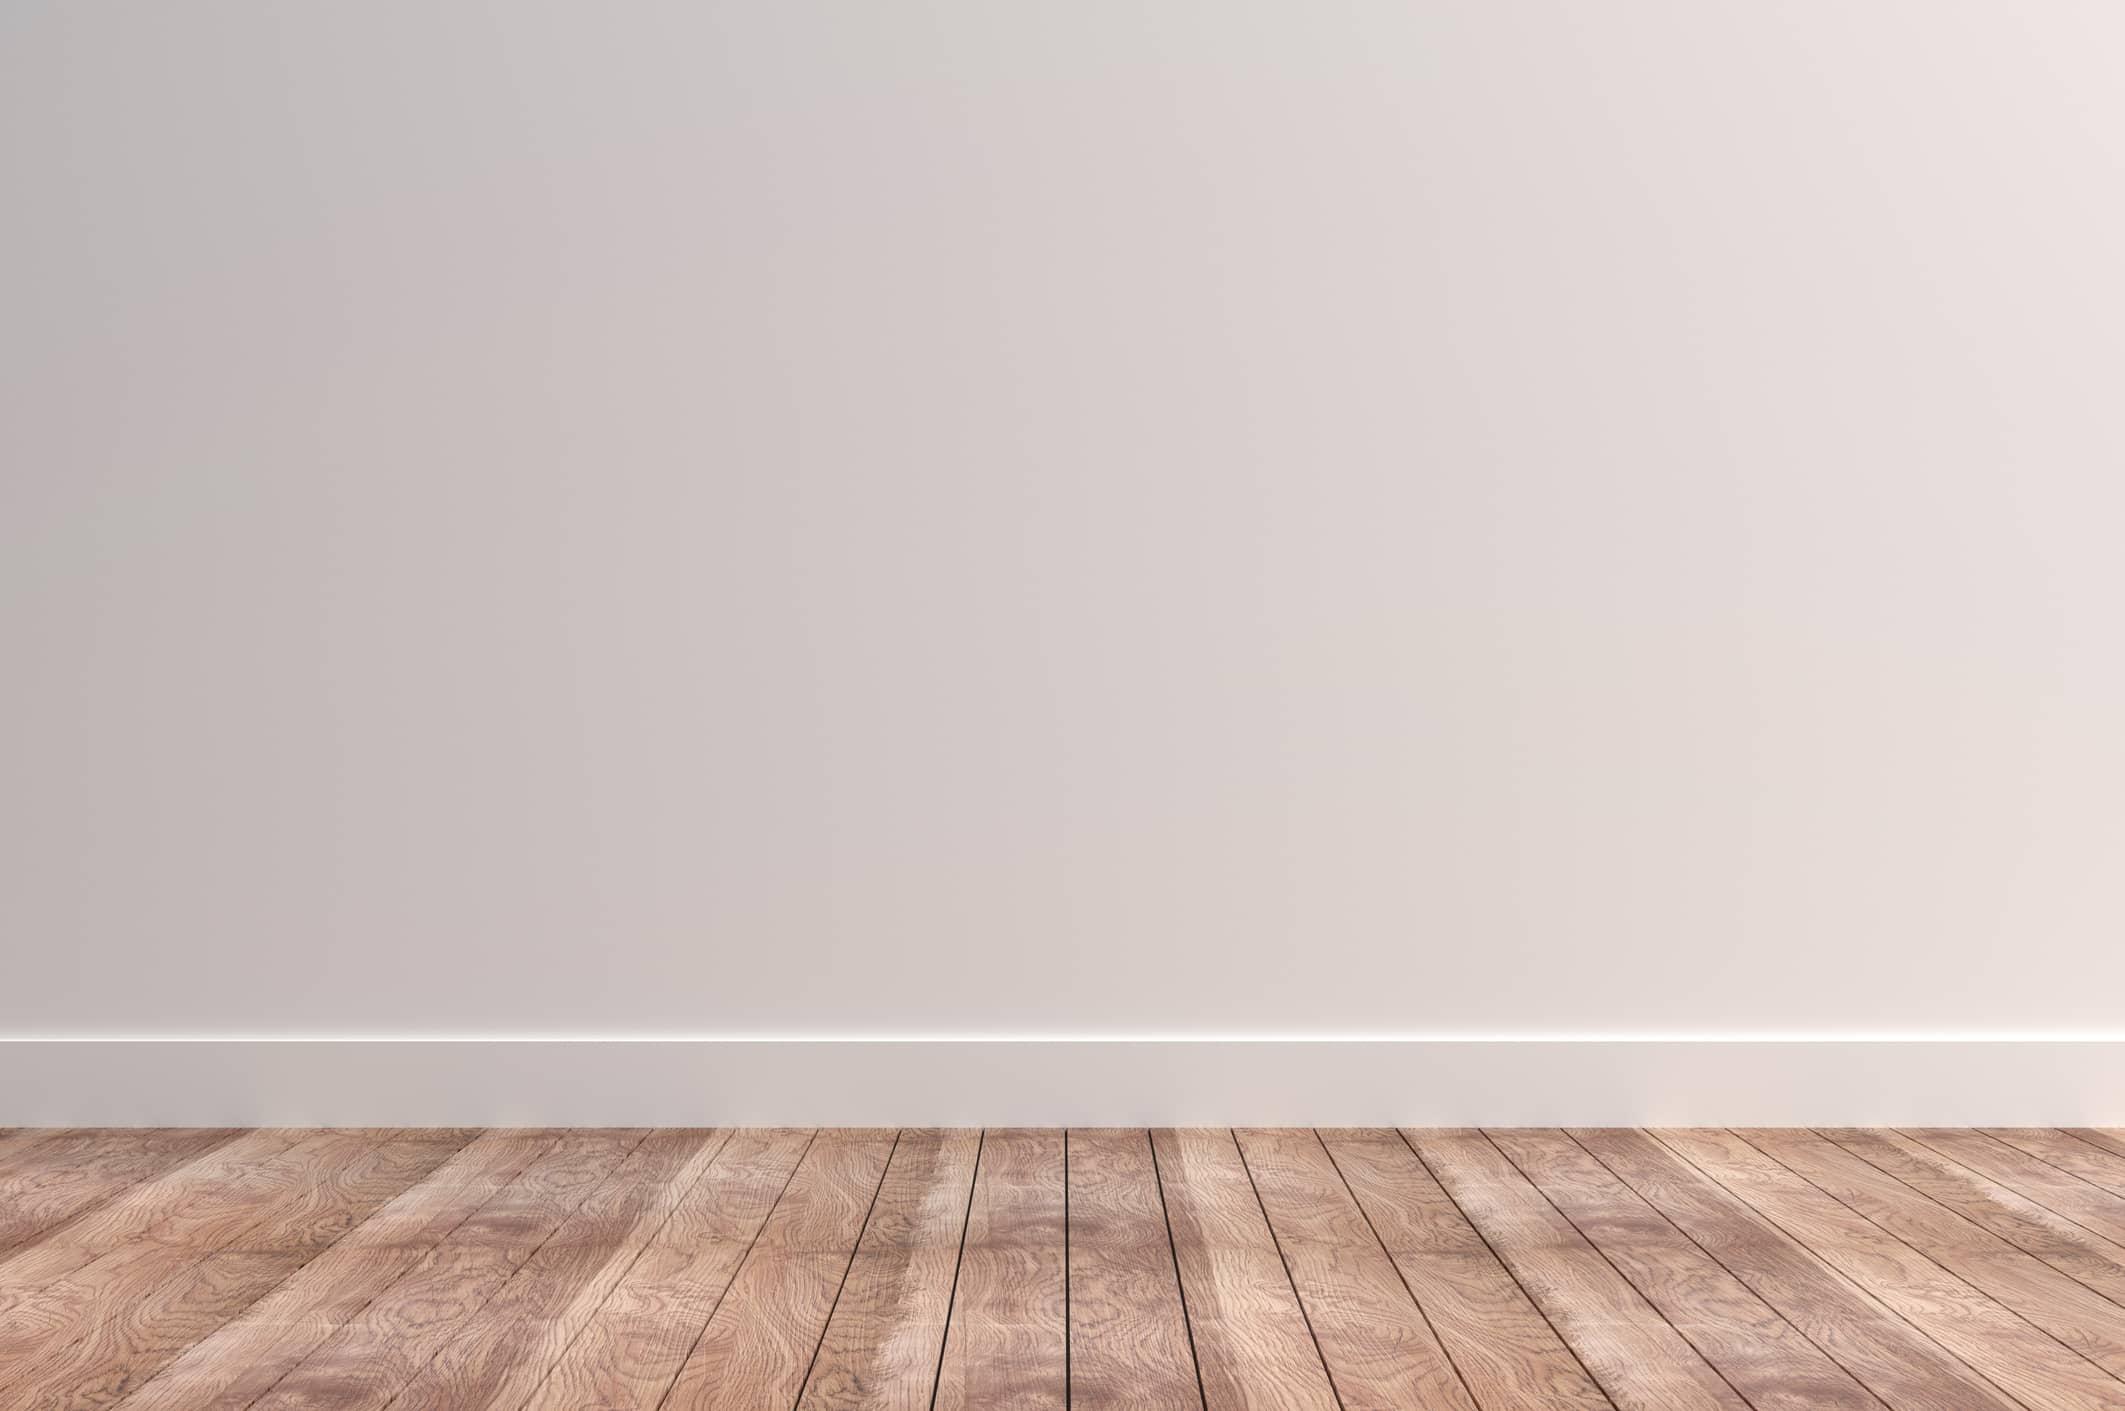 Empty-Room-621487022_2128x1413